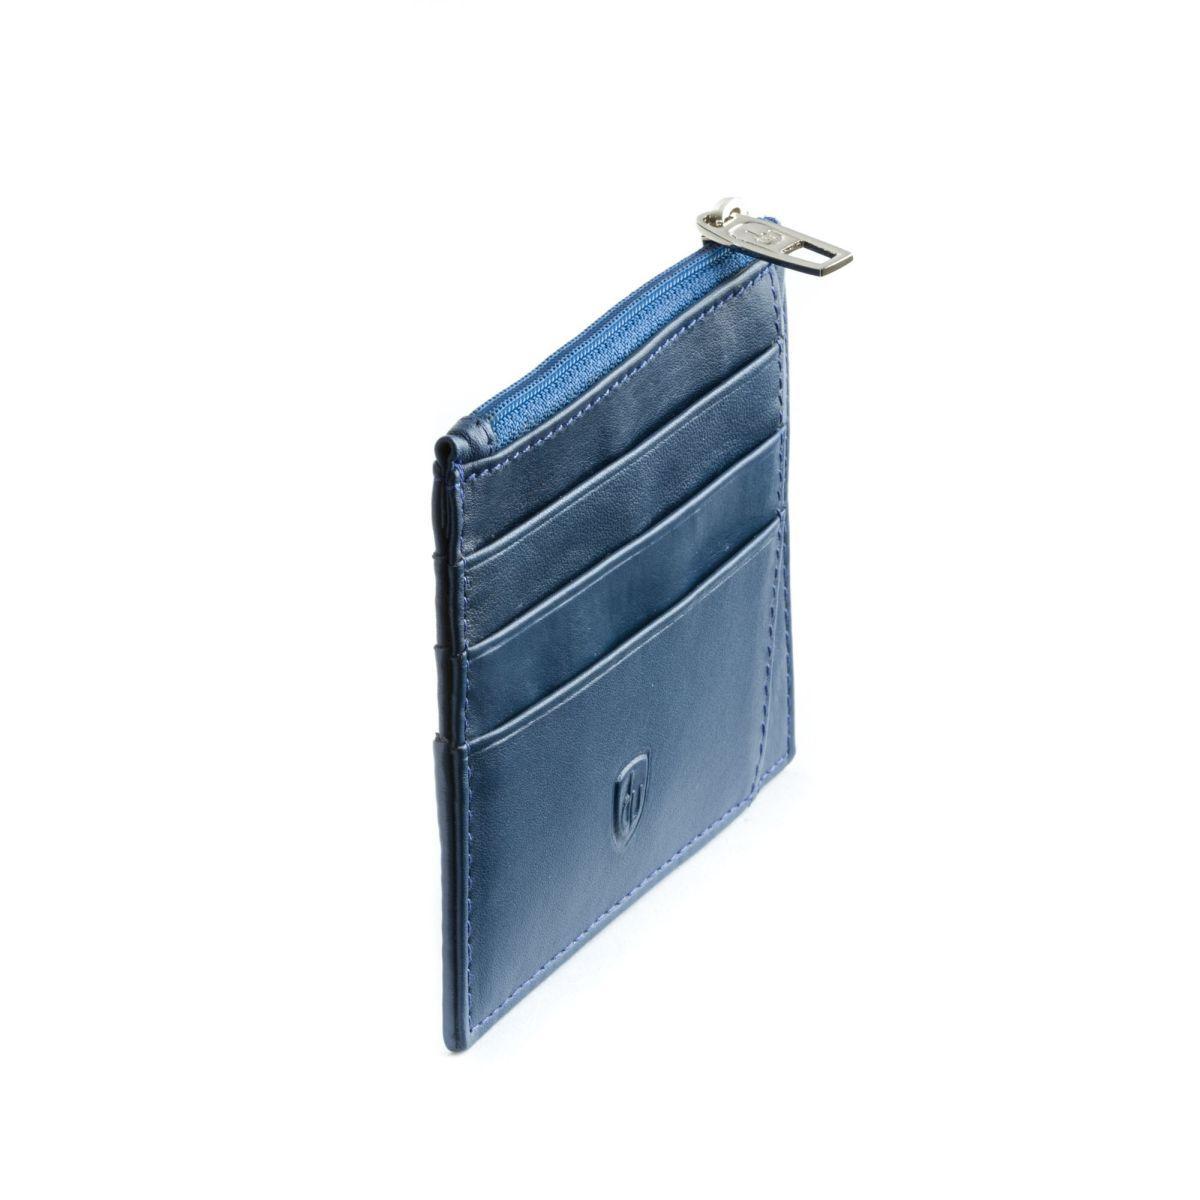 dv ארנק מינימלסטי עם תא למטבעות - כחול